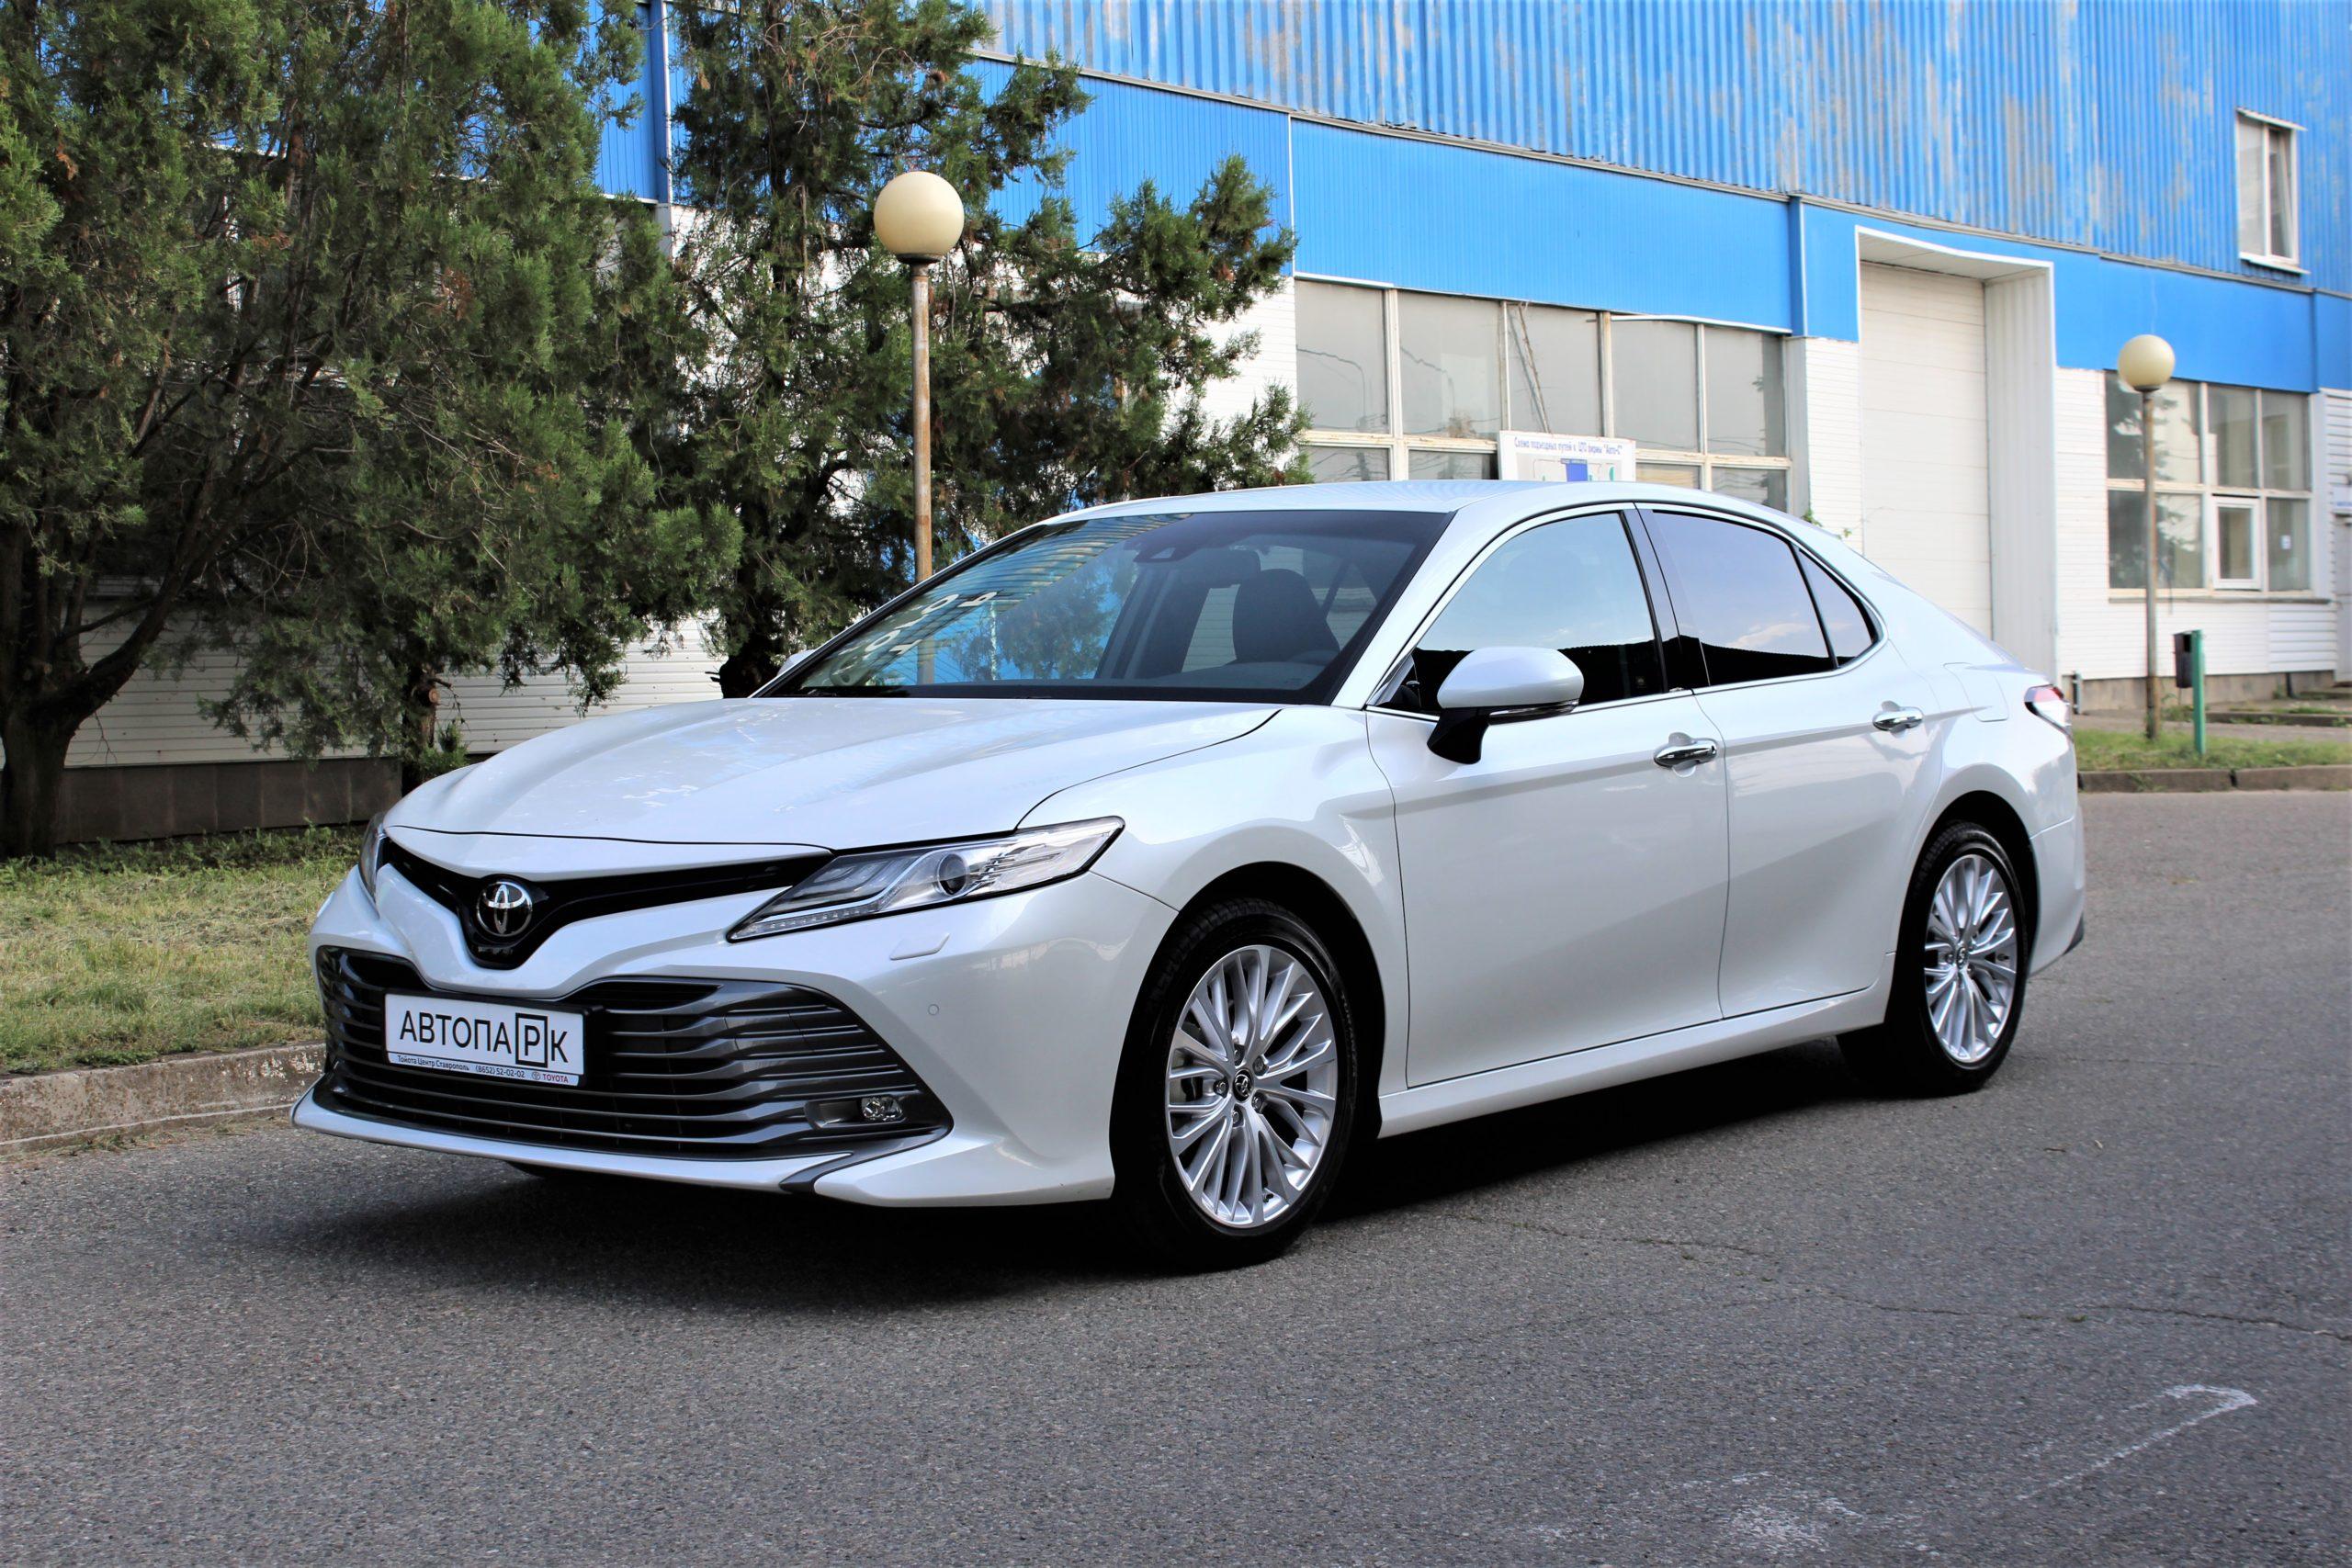 Купить Toyota Camry (Белый) - Автопарк Ставрополь